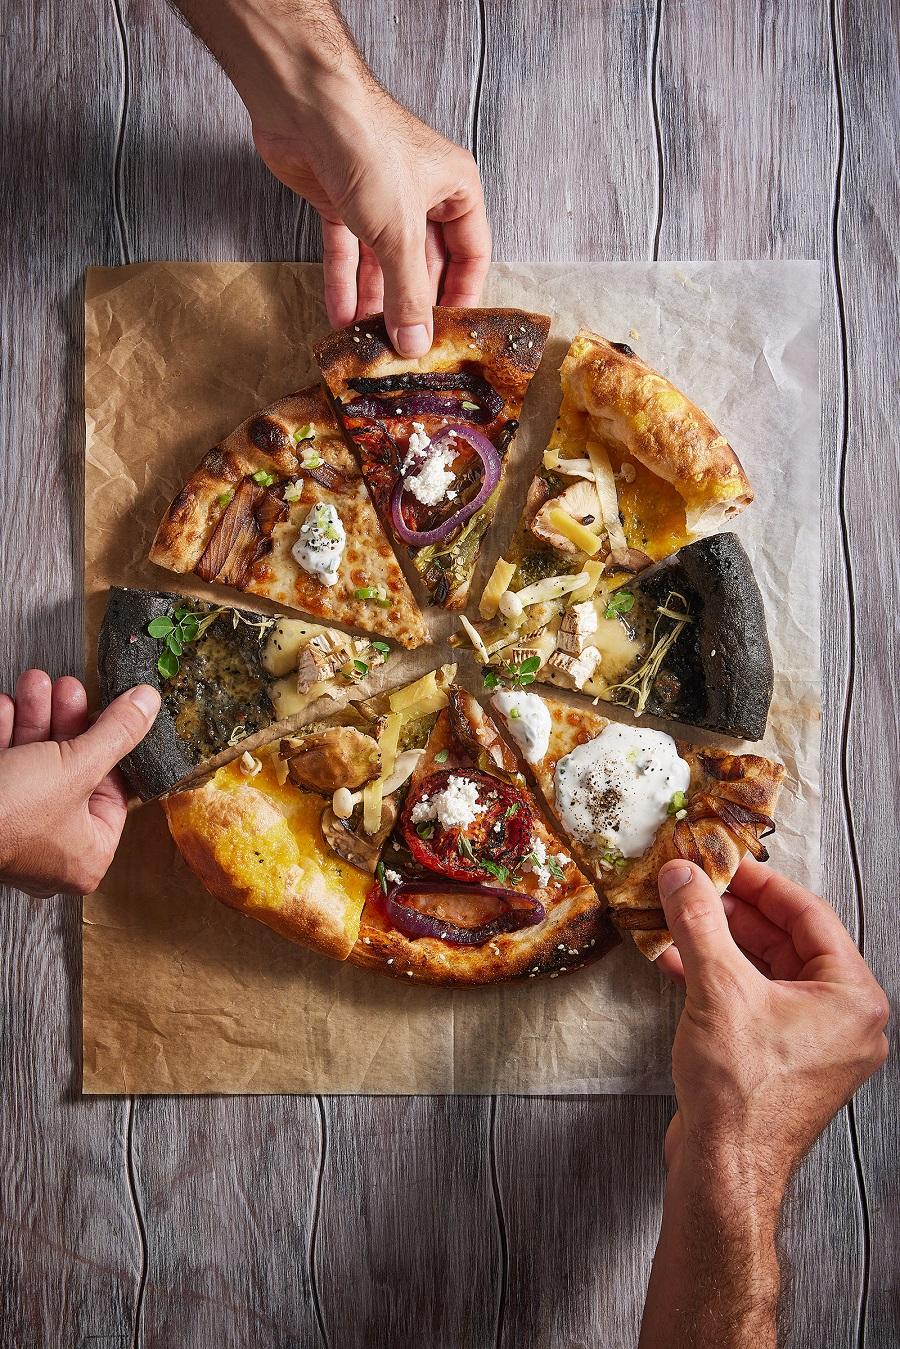 פיצה מוצ'ה (צילום: אפיק גבאי | סטיילינג: עידן ספיבק)